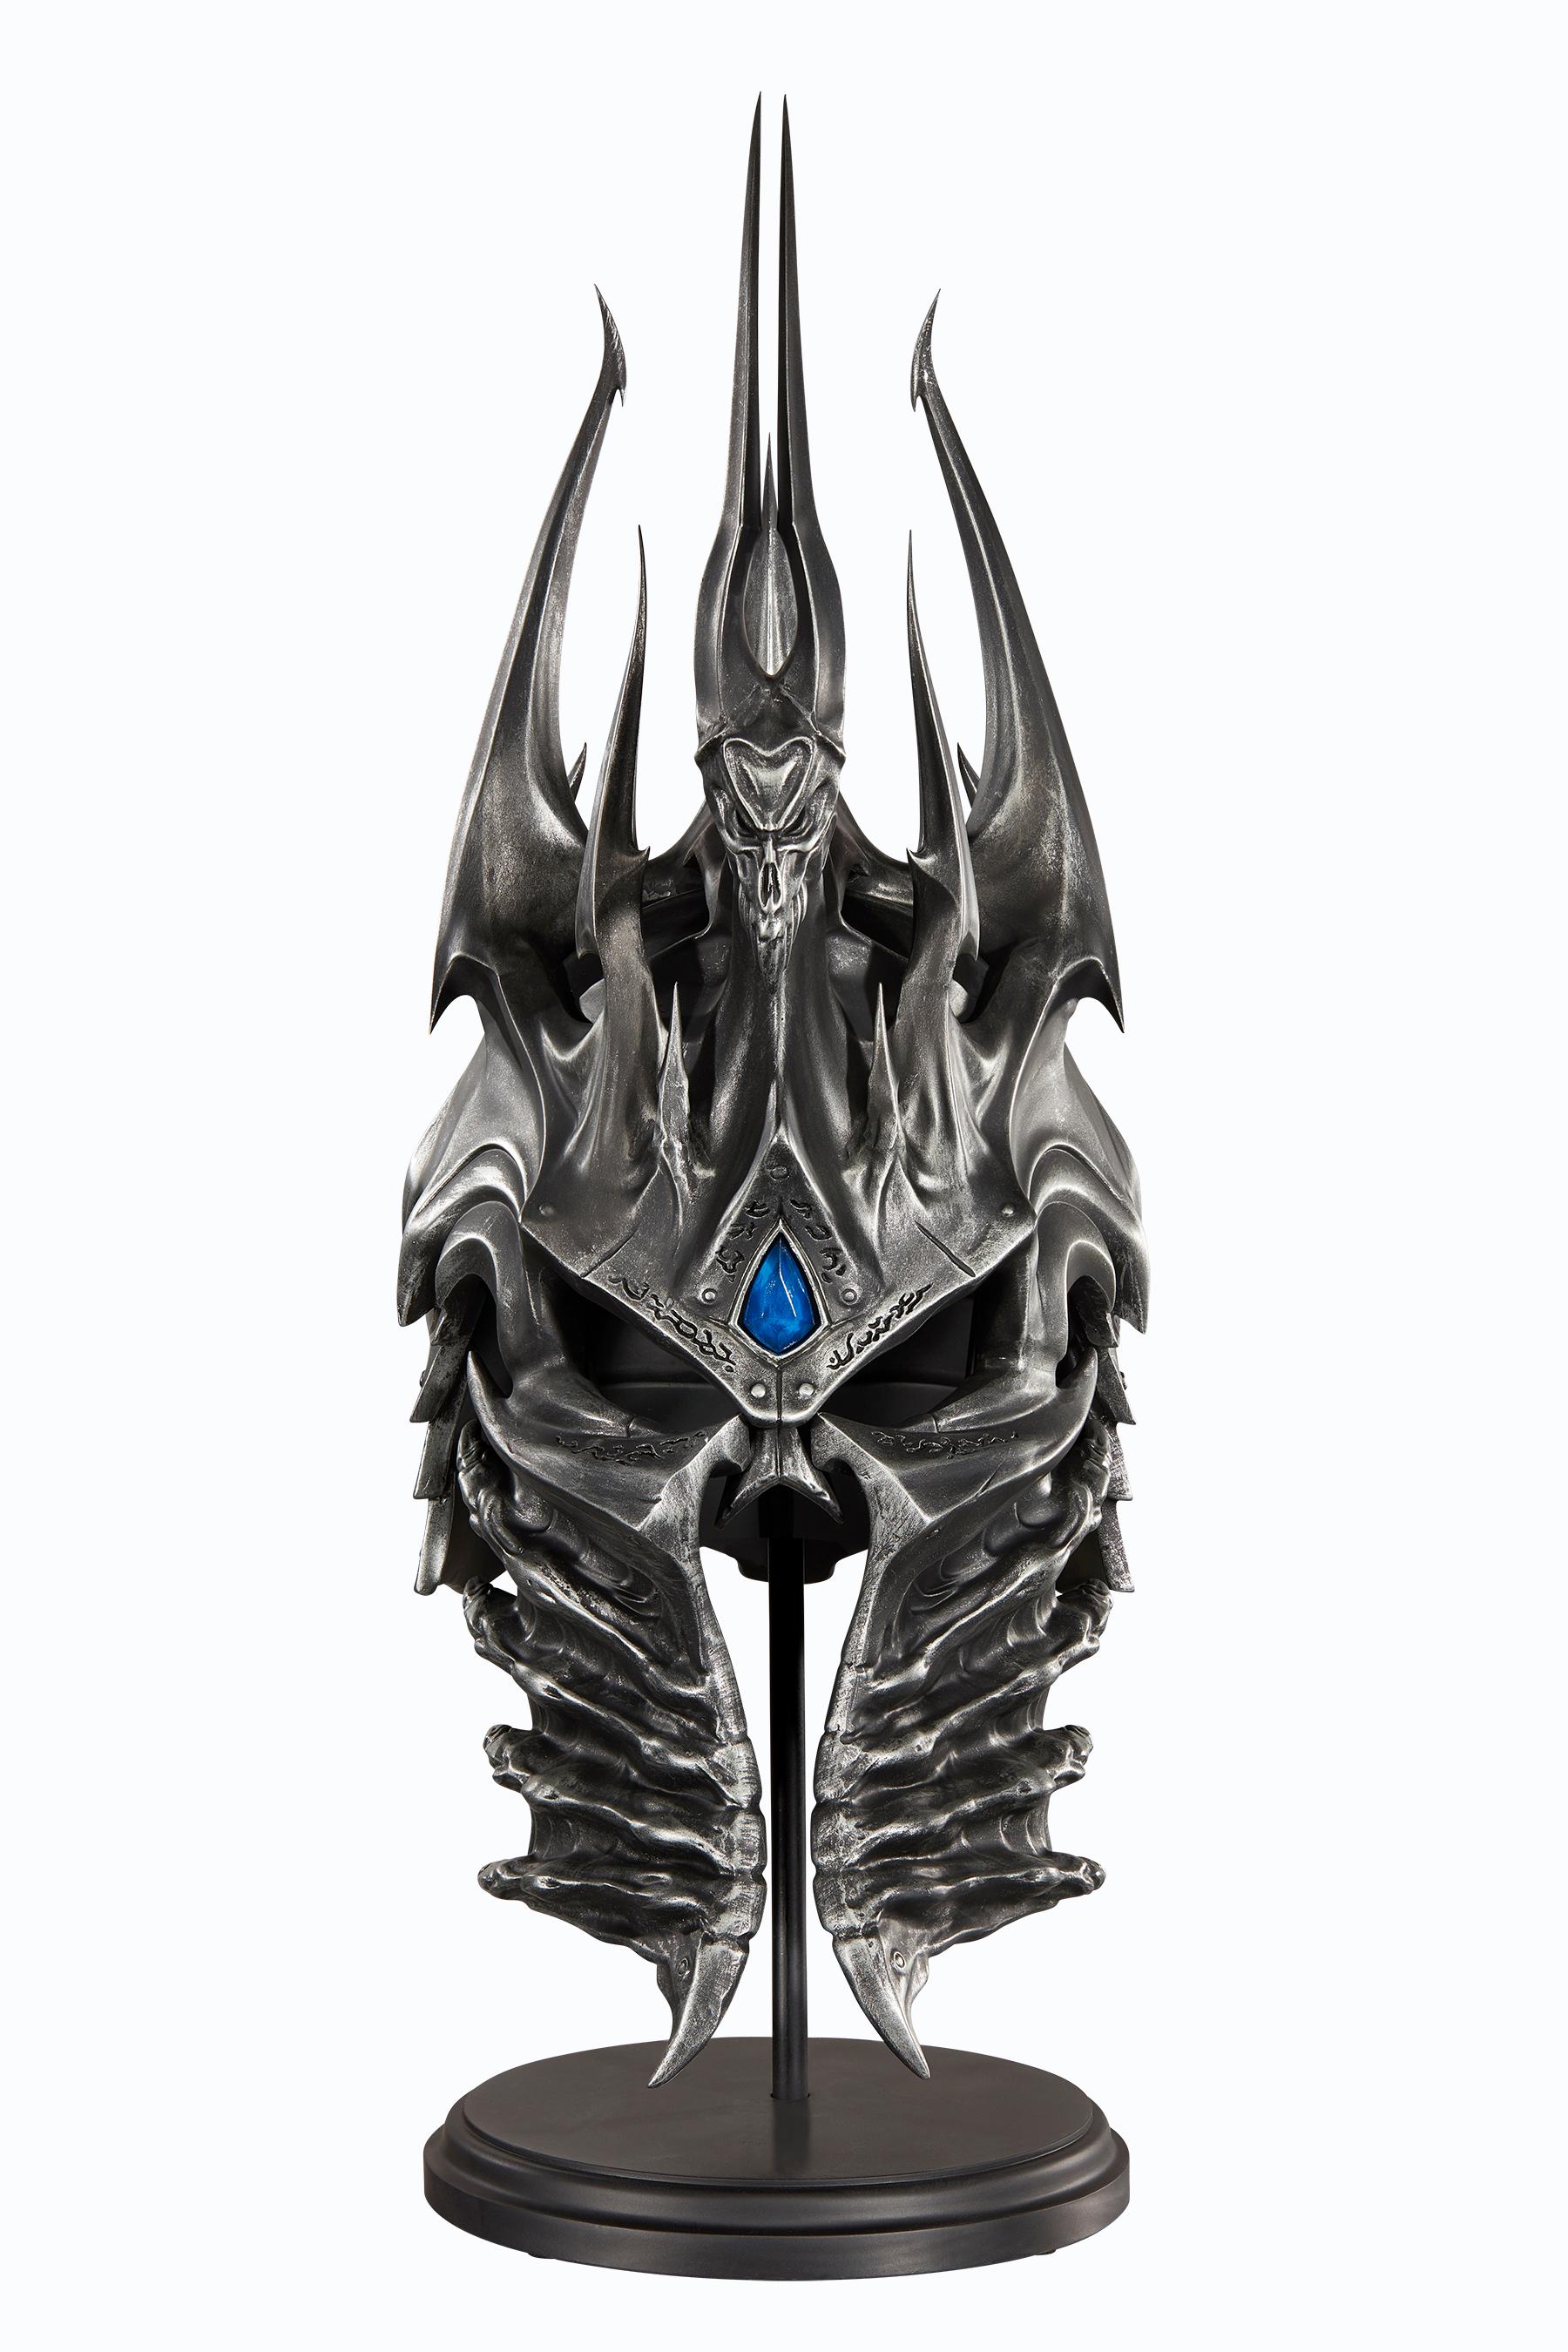 Réplique du heaume de domination bientôt en vente sur le Blizzard Gear Store